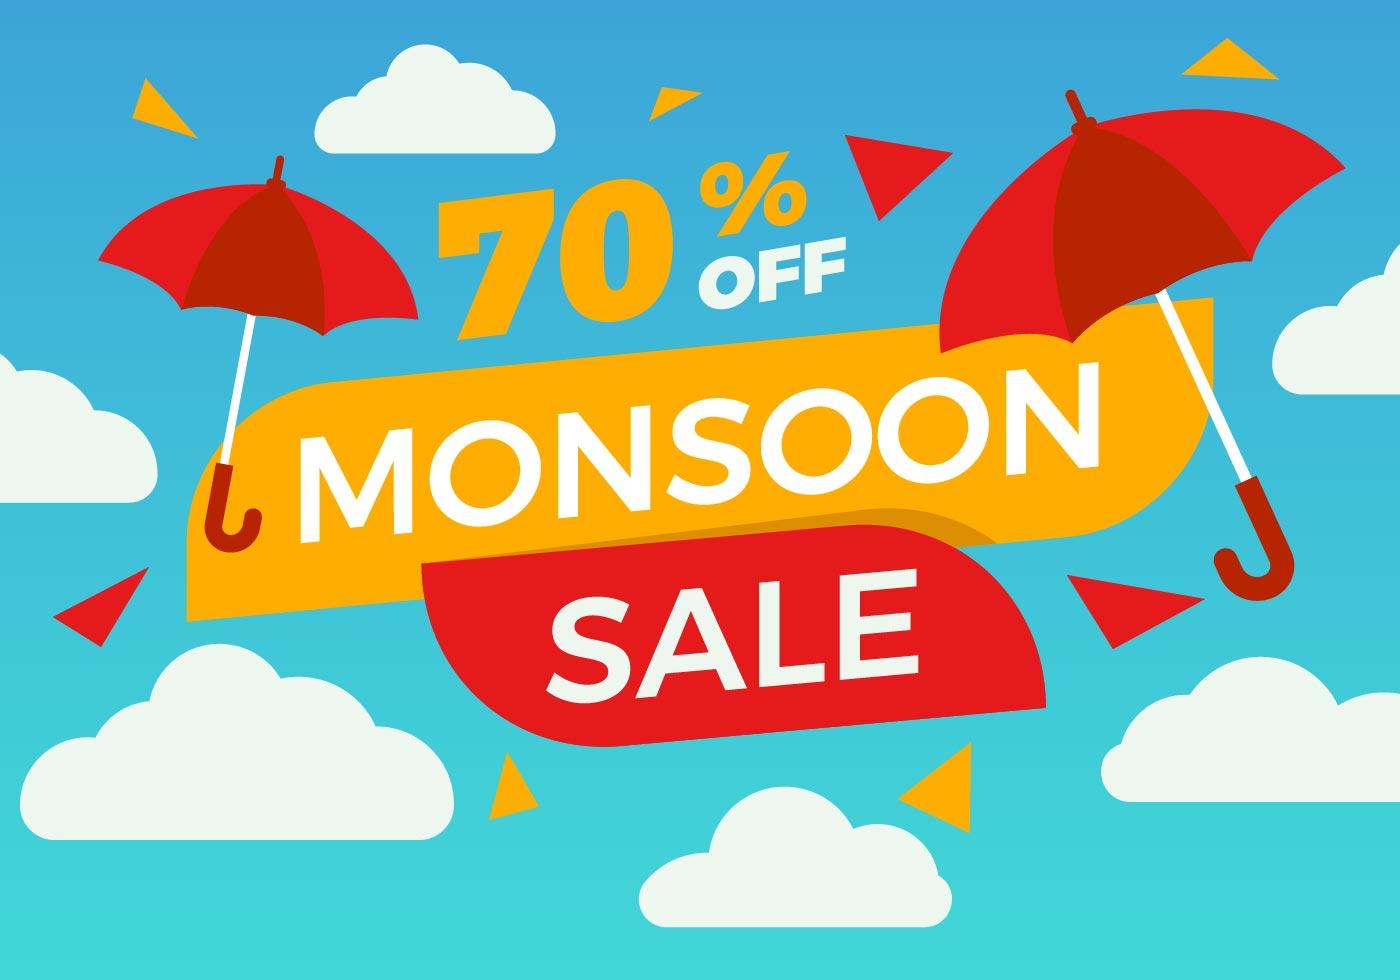 Monsoon gratuit affiche vente vecteur t l chargez de l for Monsoon de